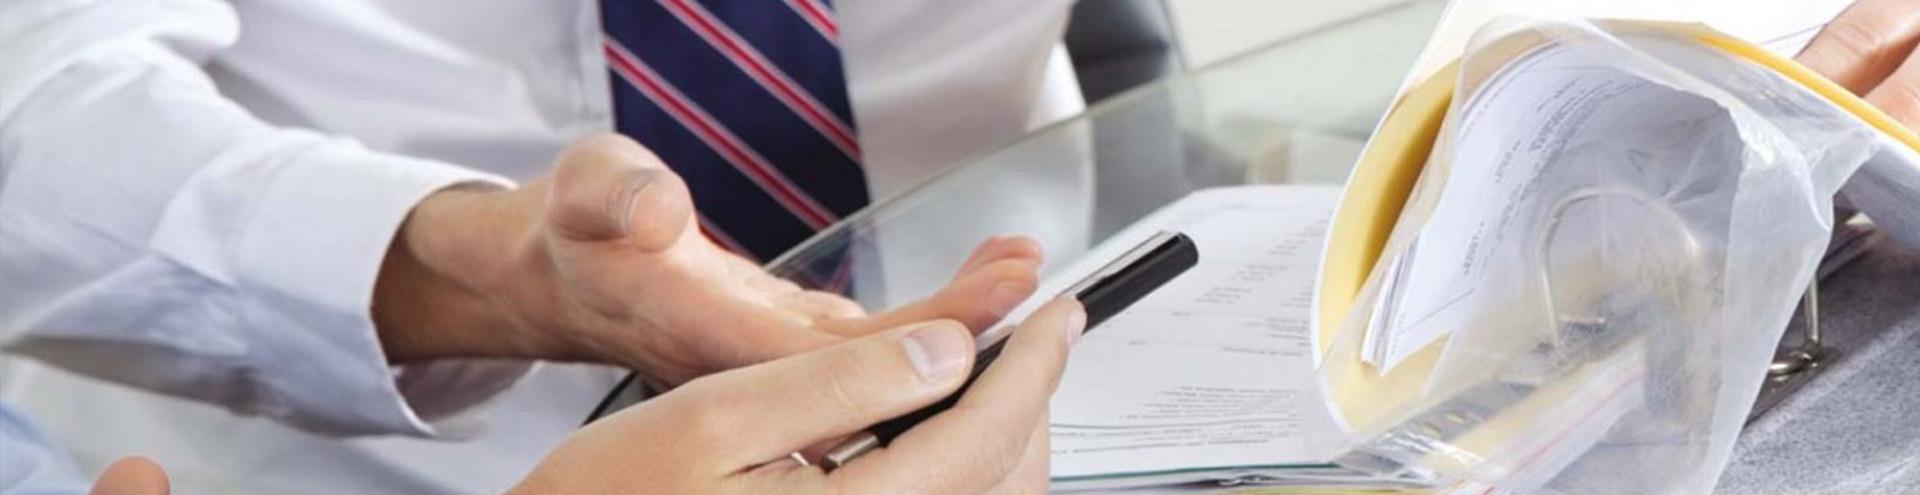 Документы на банкротство юридического лица в Чебоксарах и Чувашской Республике